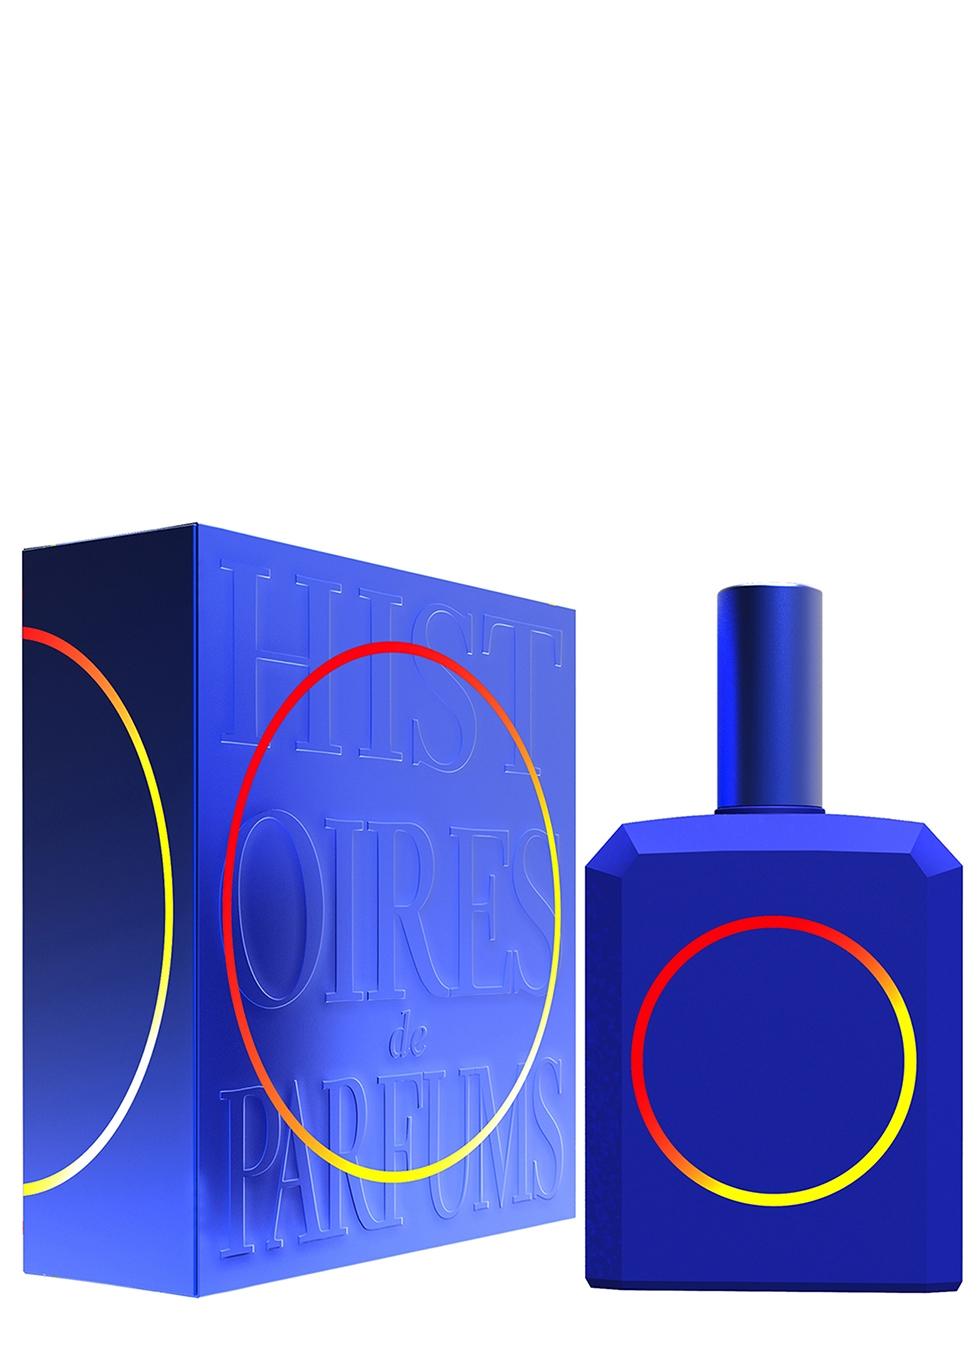 This Is Not A Blue Bottle 1.3 120ml - Histoires de Parfums